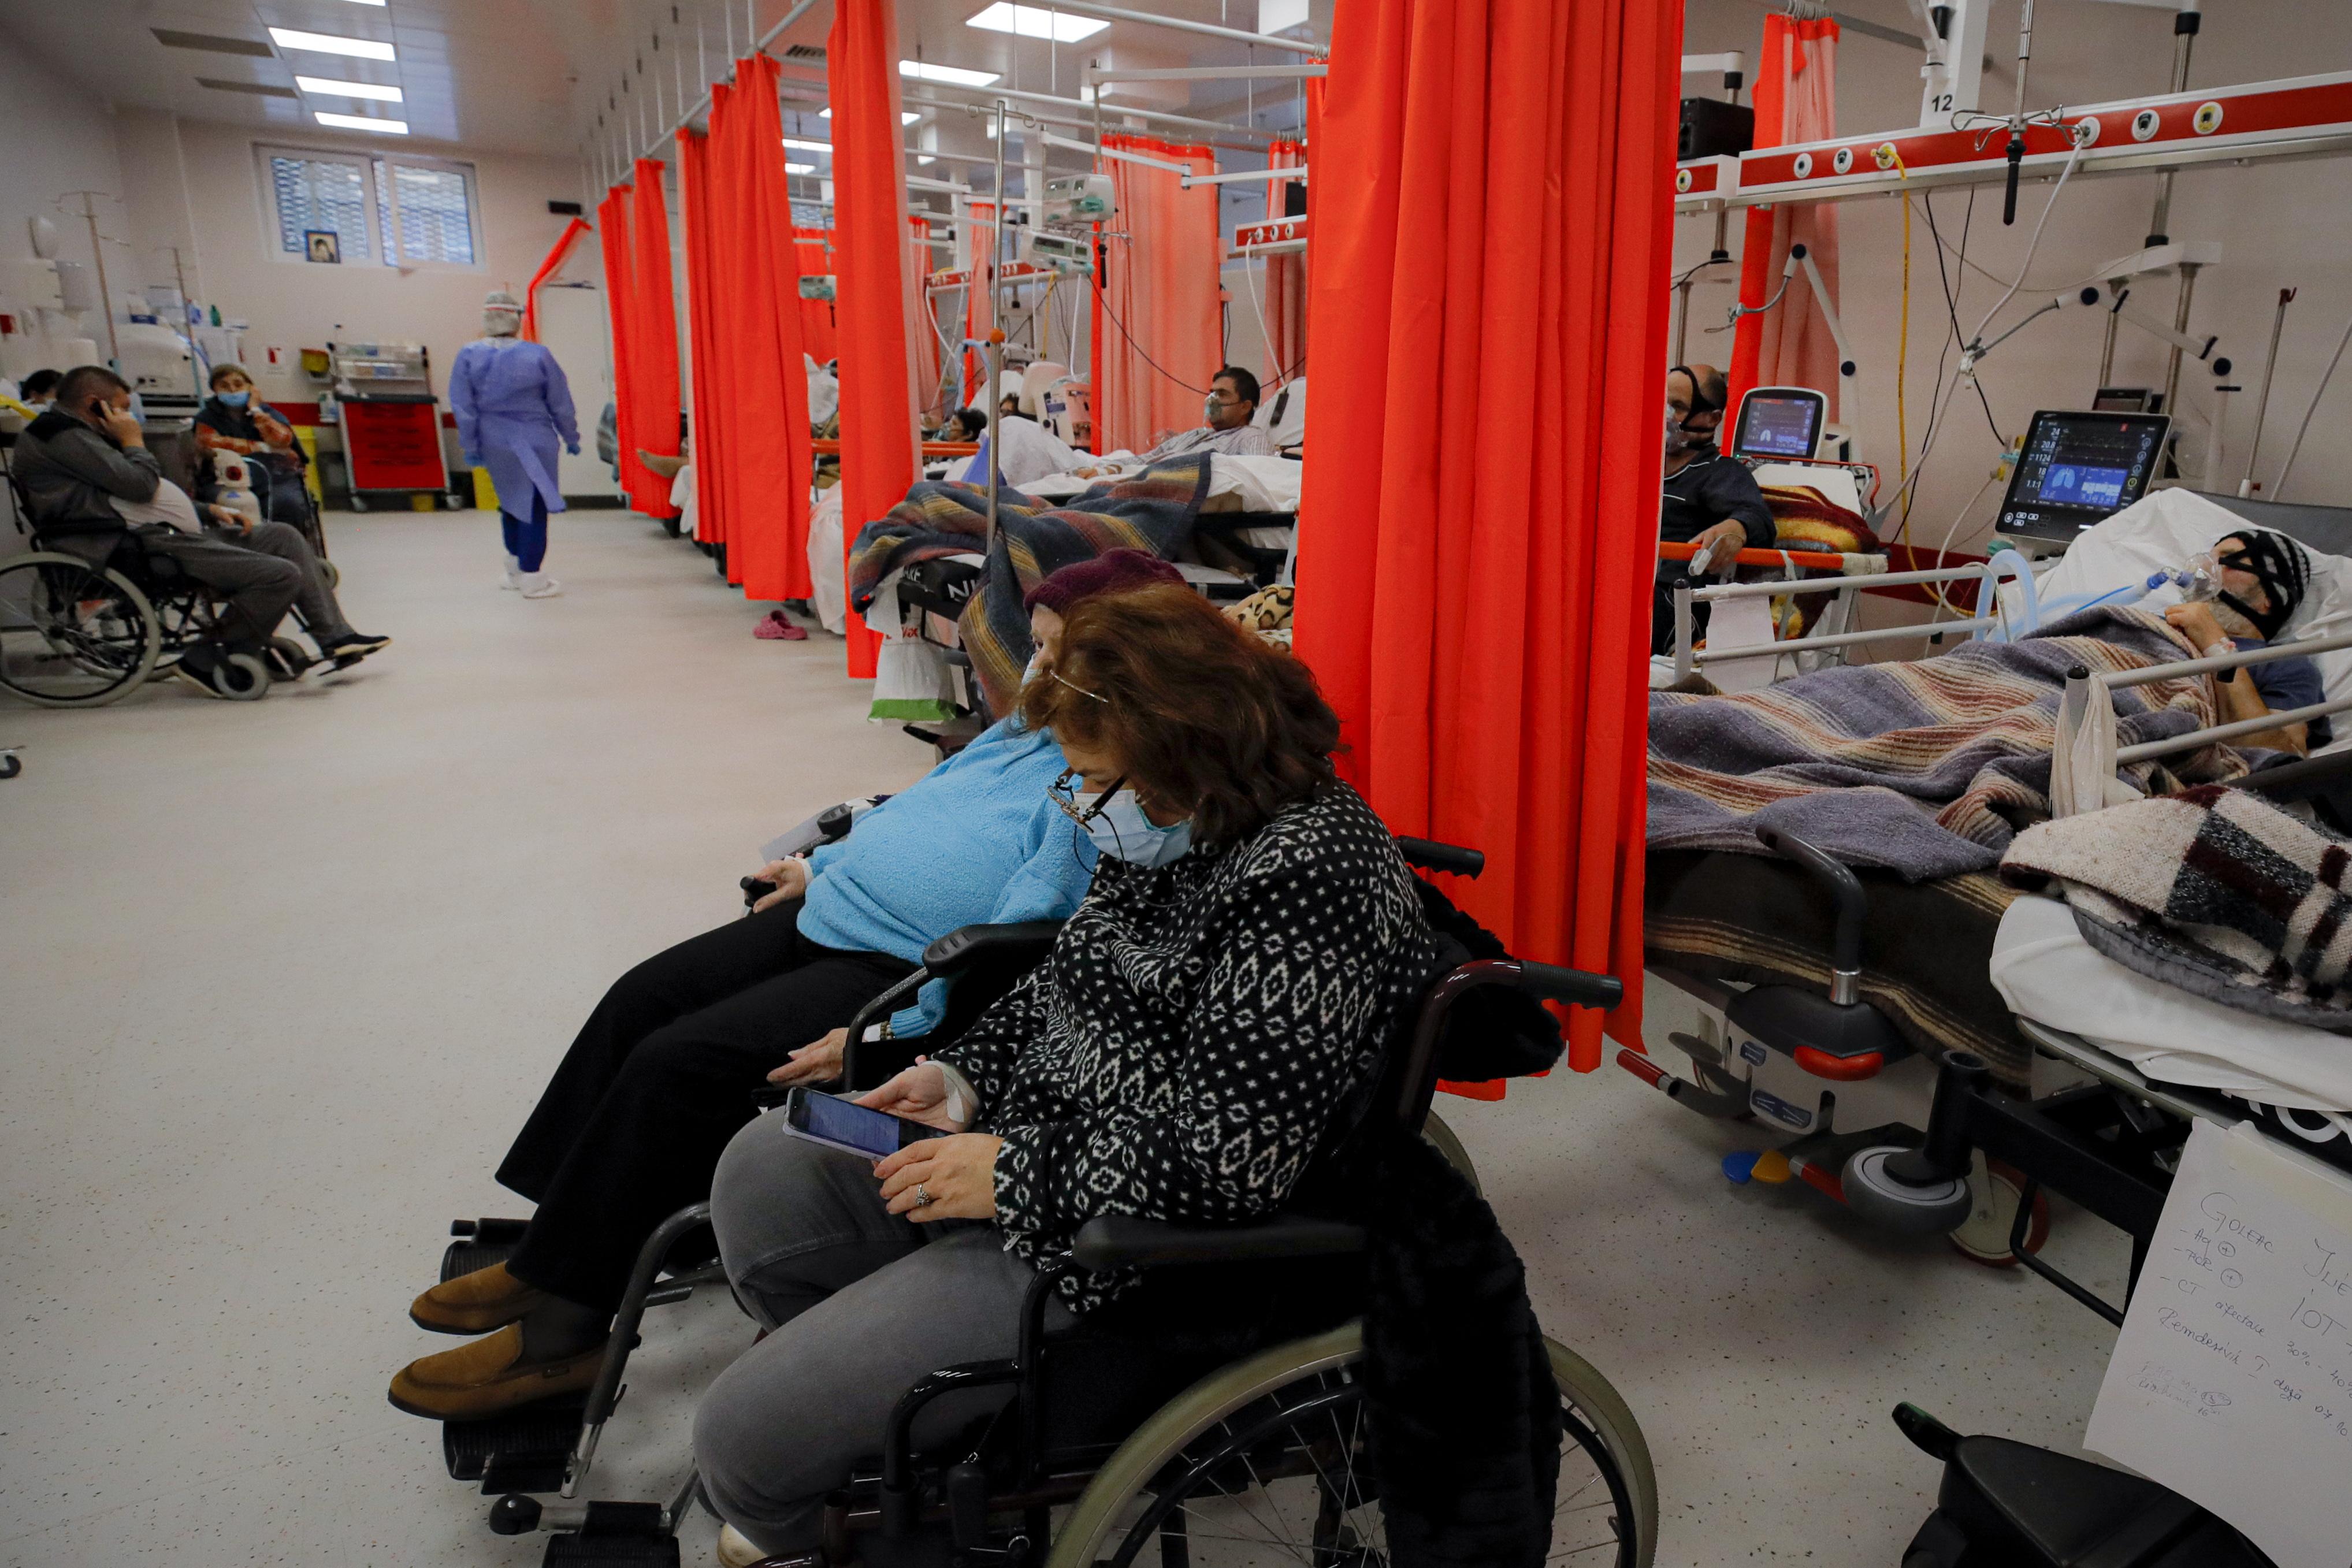 Peste 500 de decese în rândul bolnavilor COVID-19